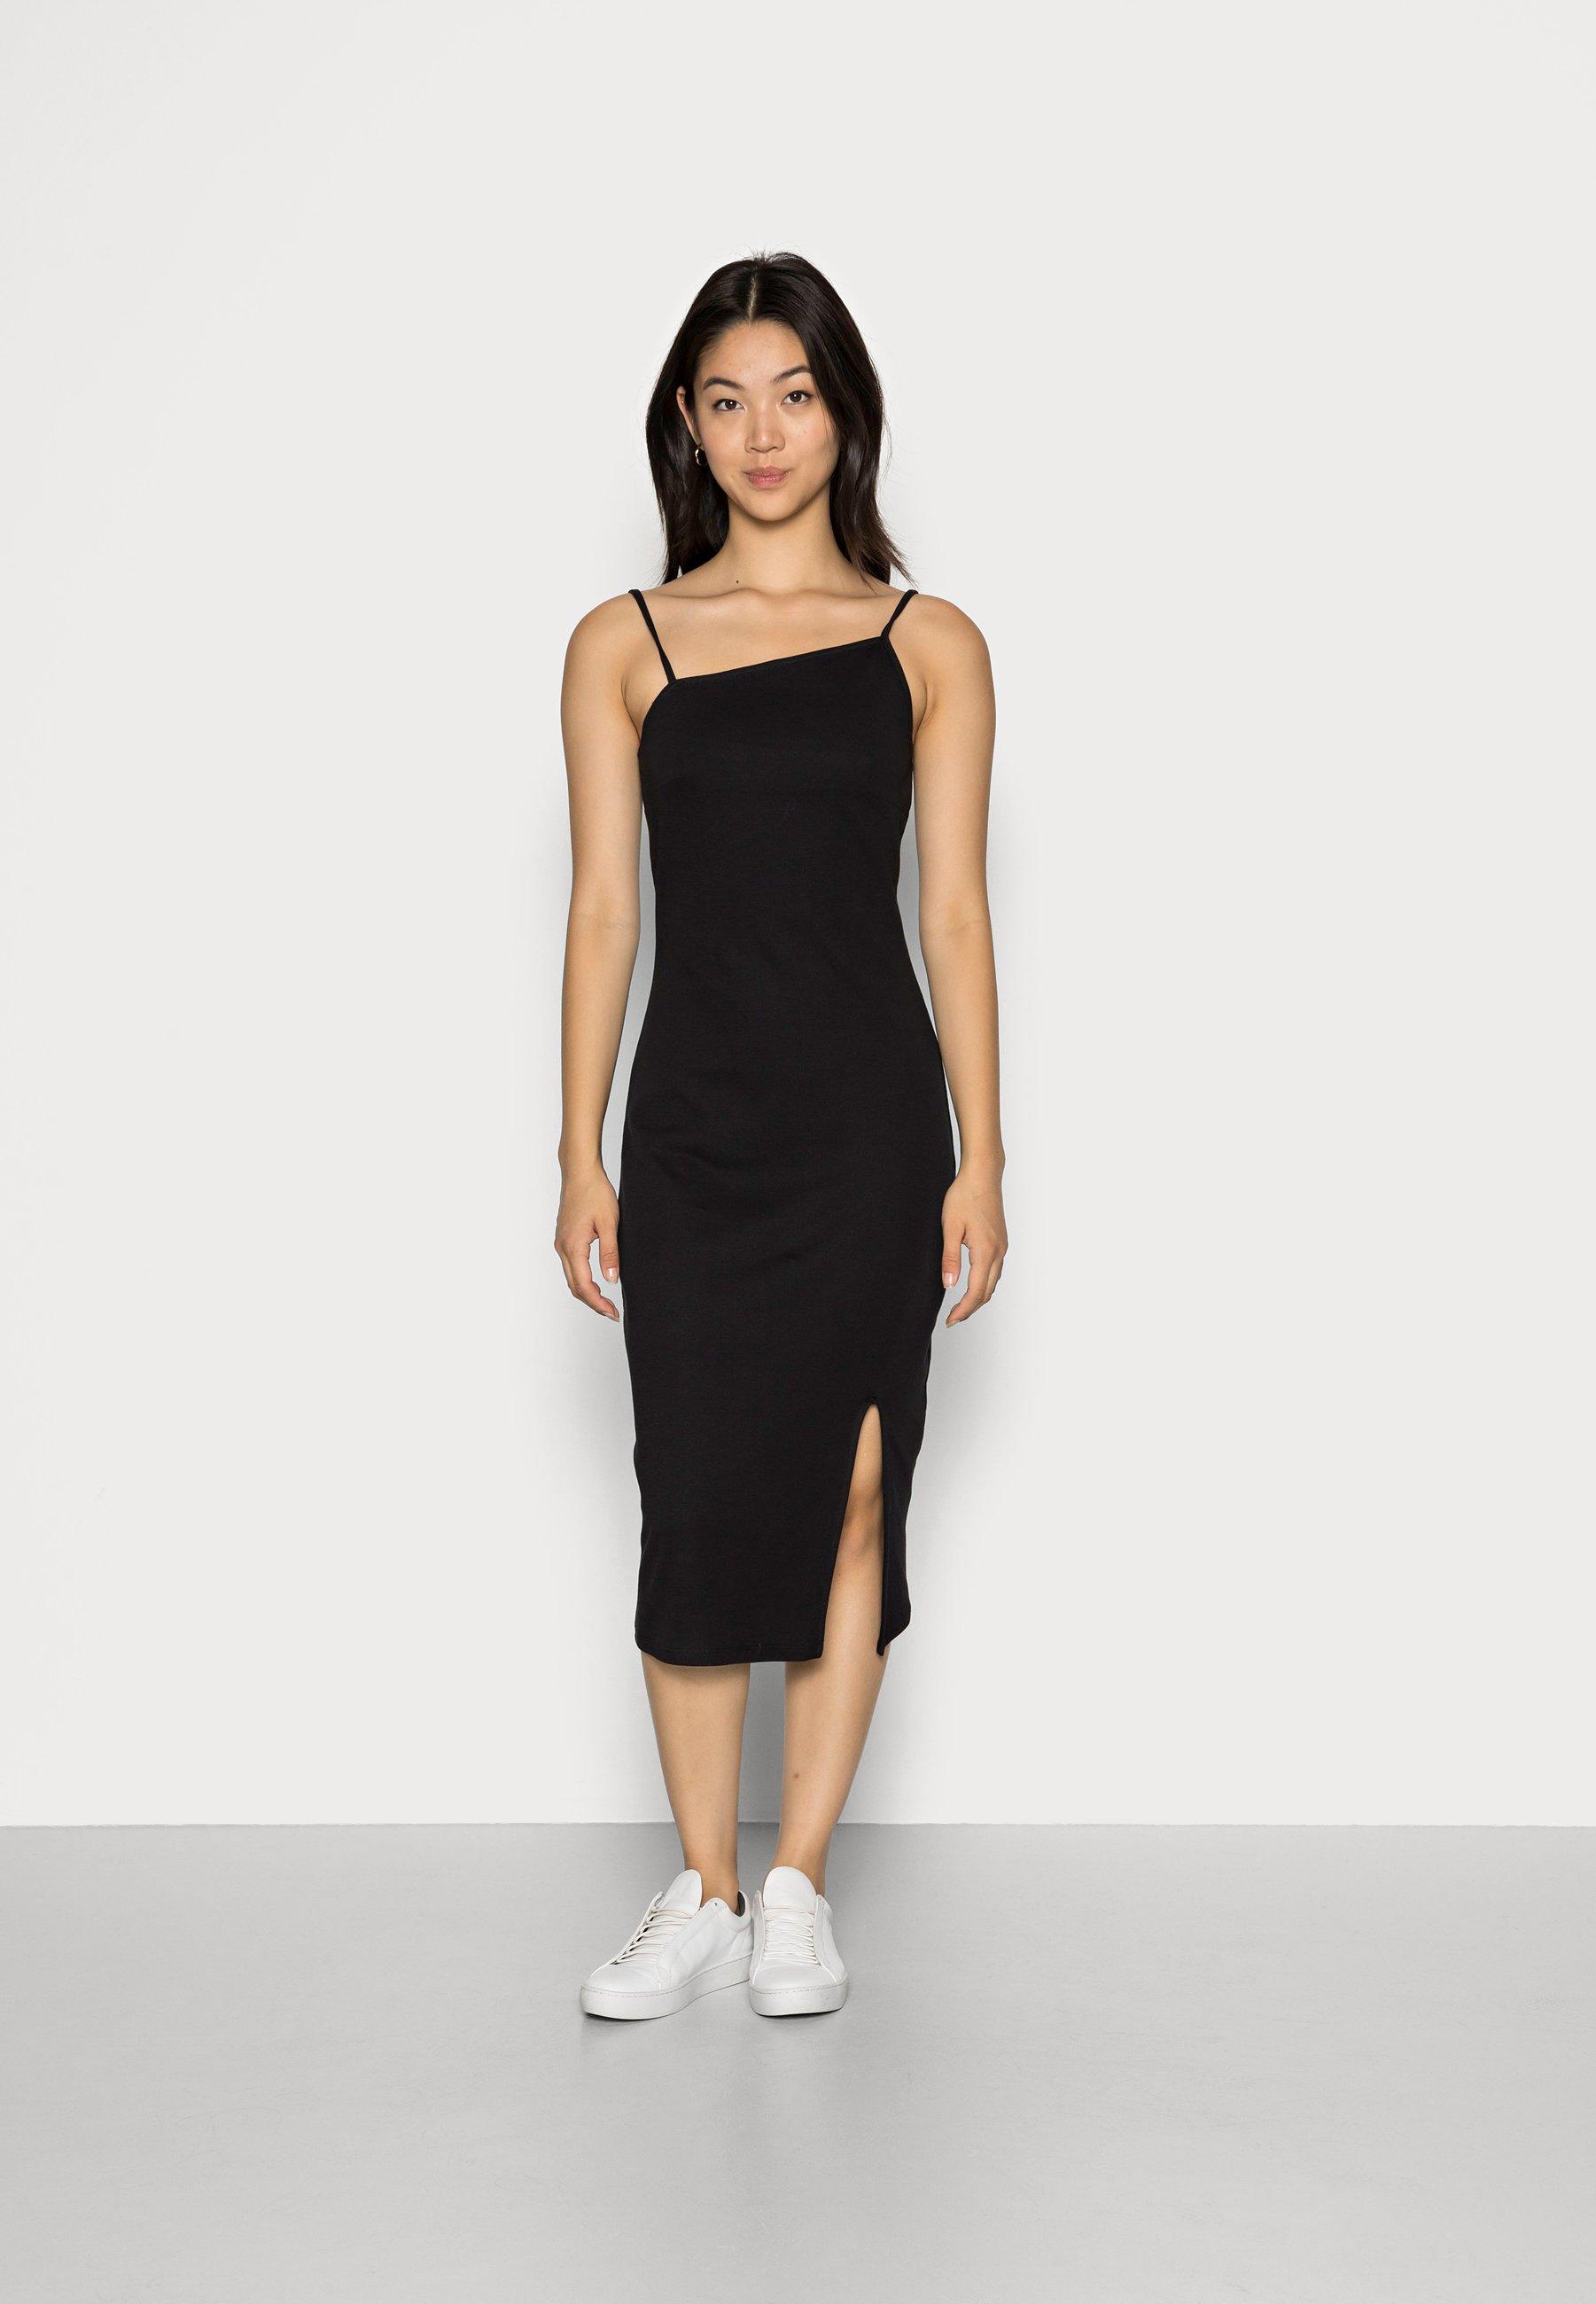 Damen NECKLINE DAY TO NIGHT BLACK DRESS - Jerseykleid